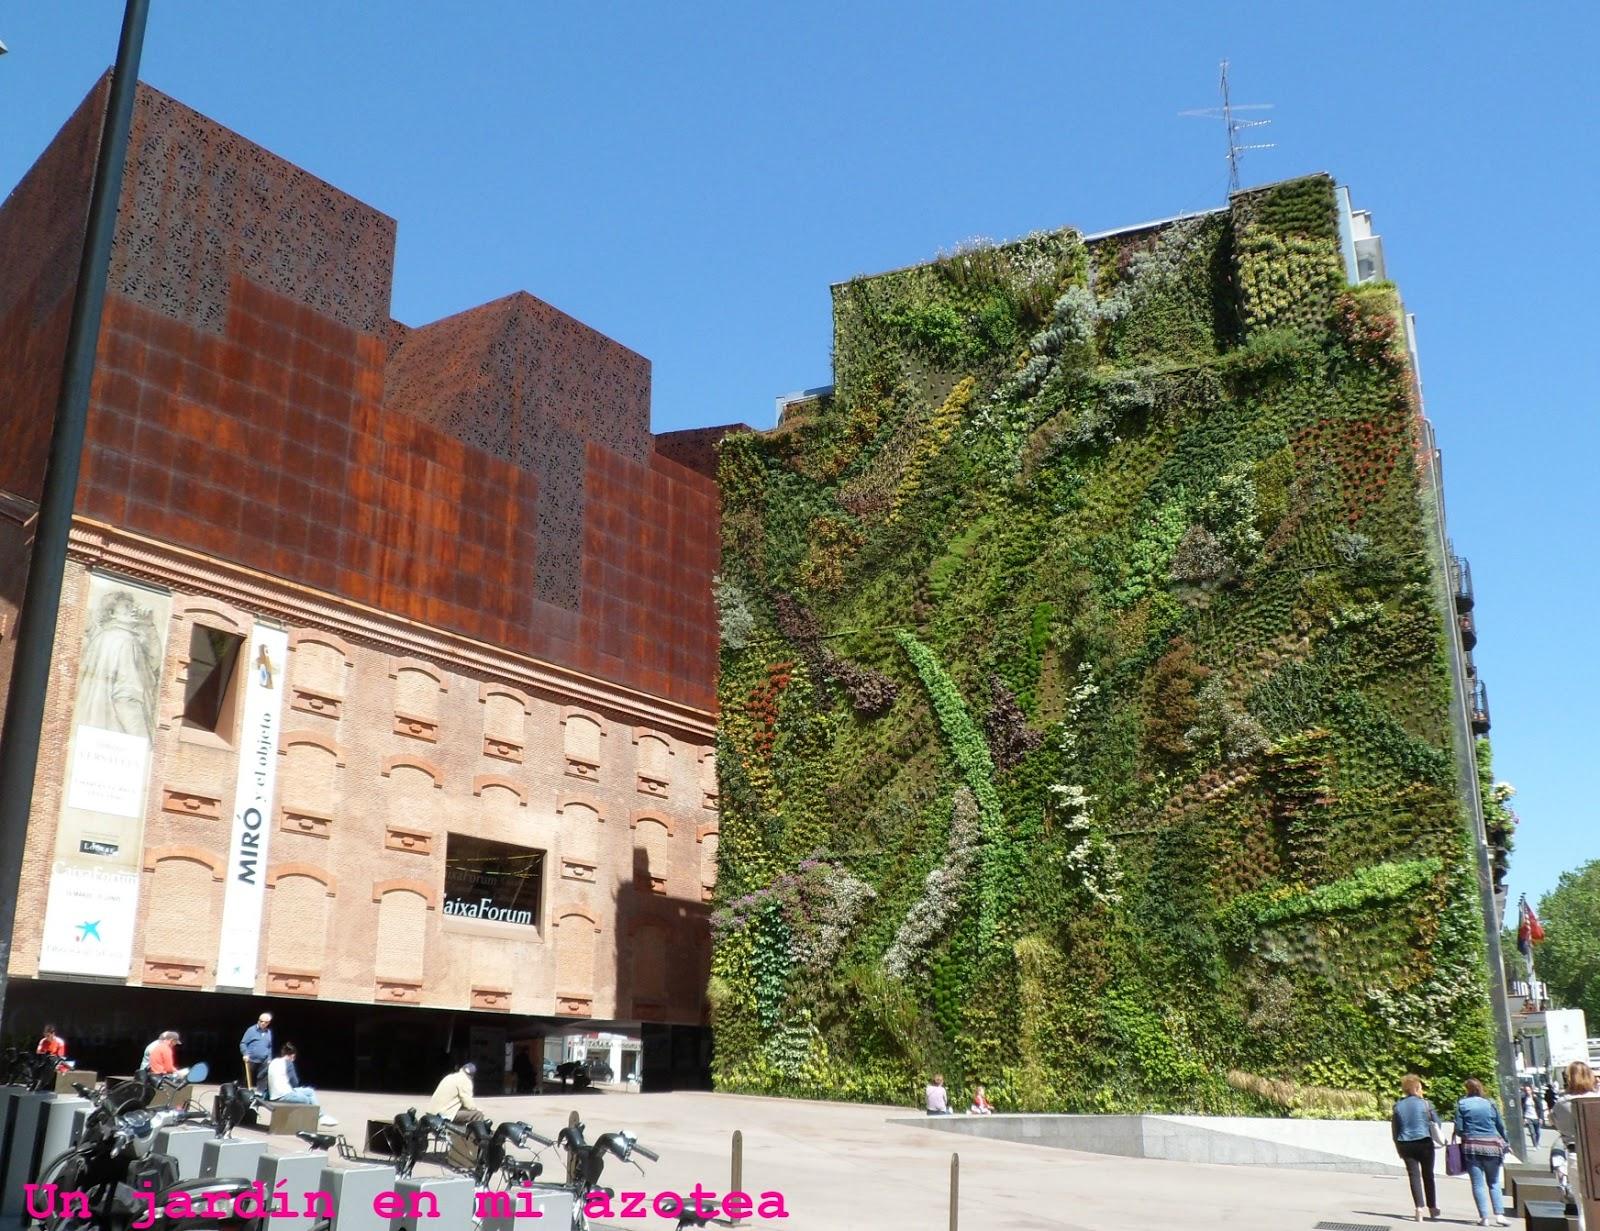 Un jard n en mi azotea un jard n vertical en el paseo del for Jardin vertical caixaforum